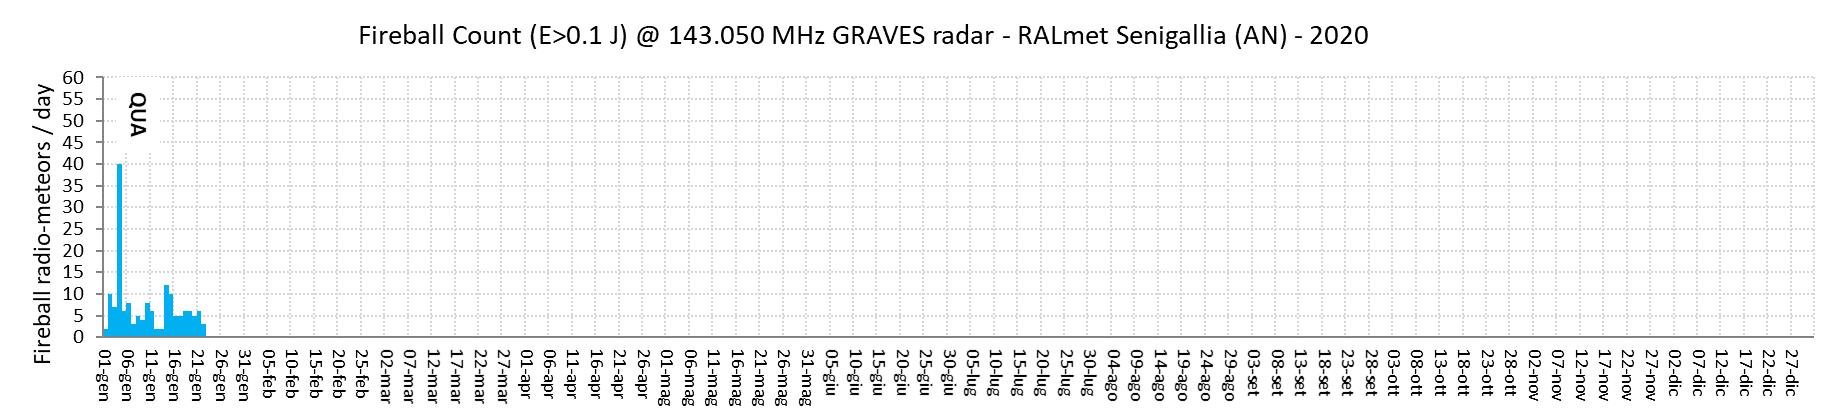 """Conteggio giornaliero dei """"radio-bolidi"""", termine (arbitrario) che indica gli eventi con energia di picco del segnale radio superiore a 0.1 joule. Questa classificazione aiuta a visualizzare i periodi dell'anno in cui si verificano i radio-echi più energetici, generati dagli oggetti più importanti."""